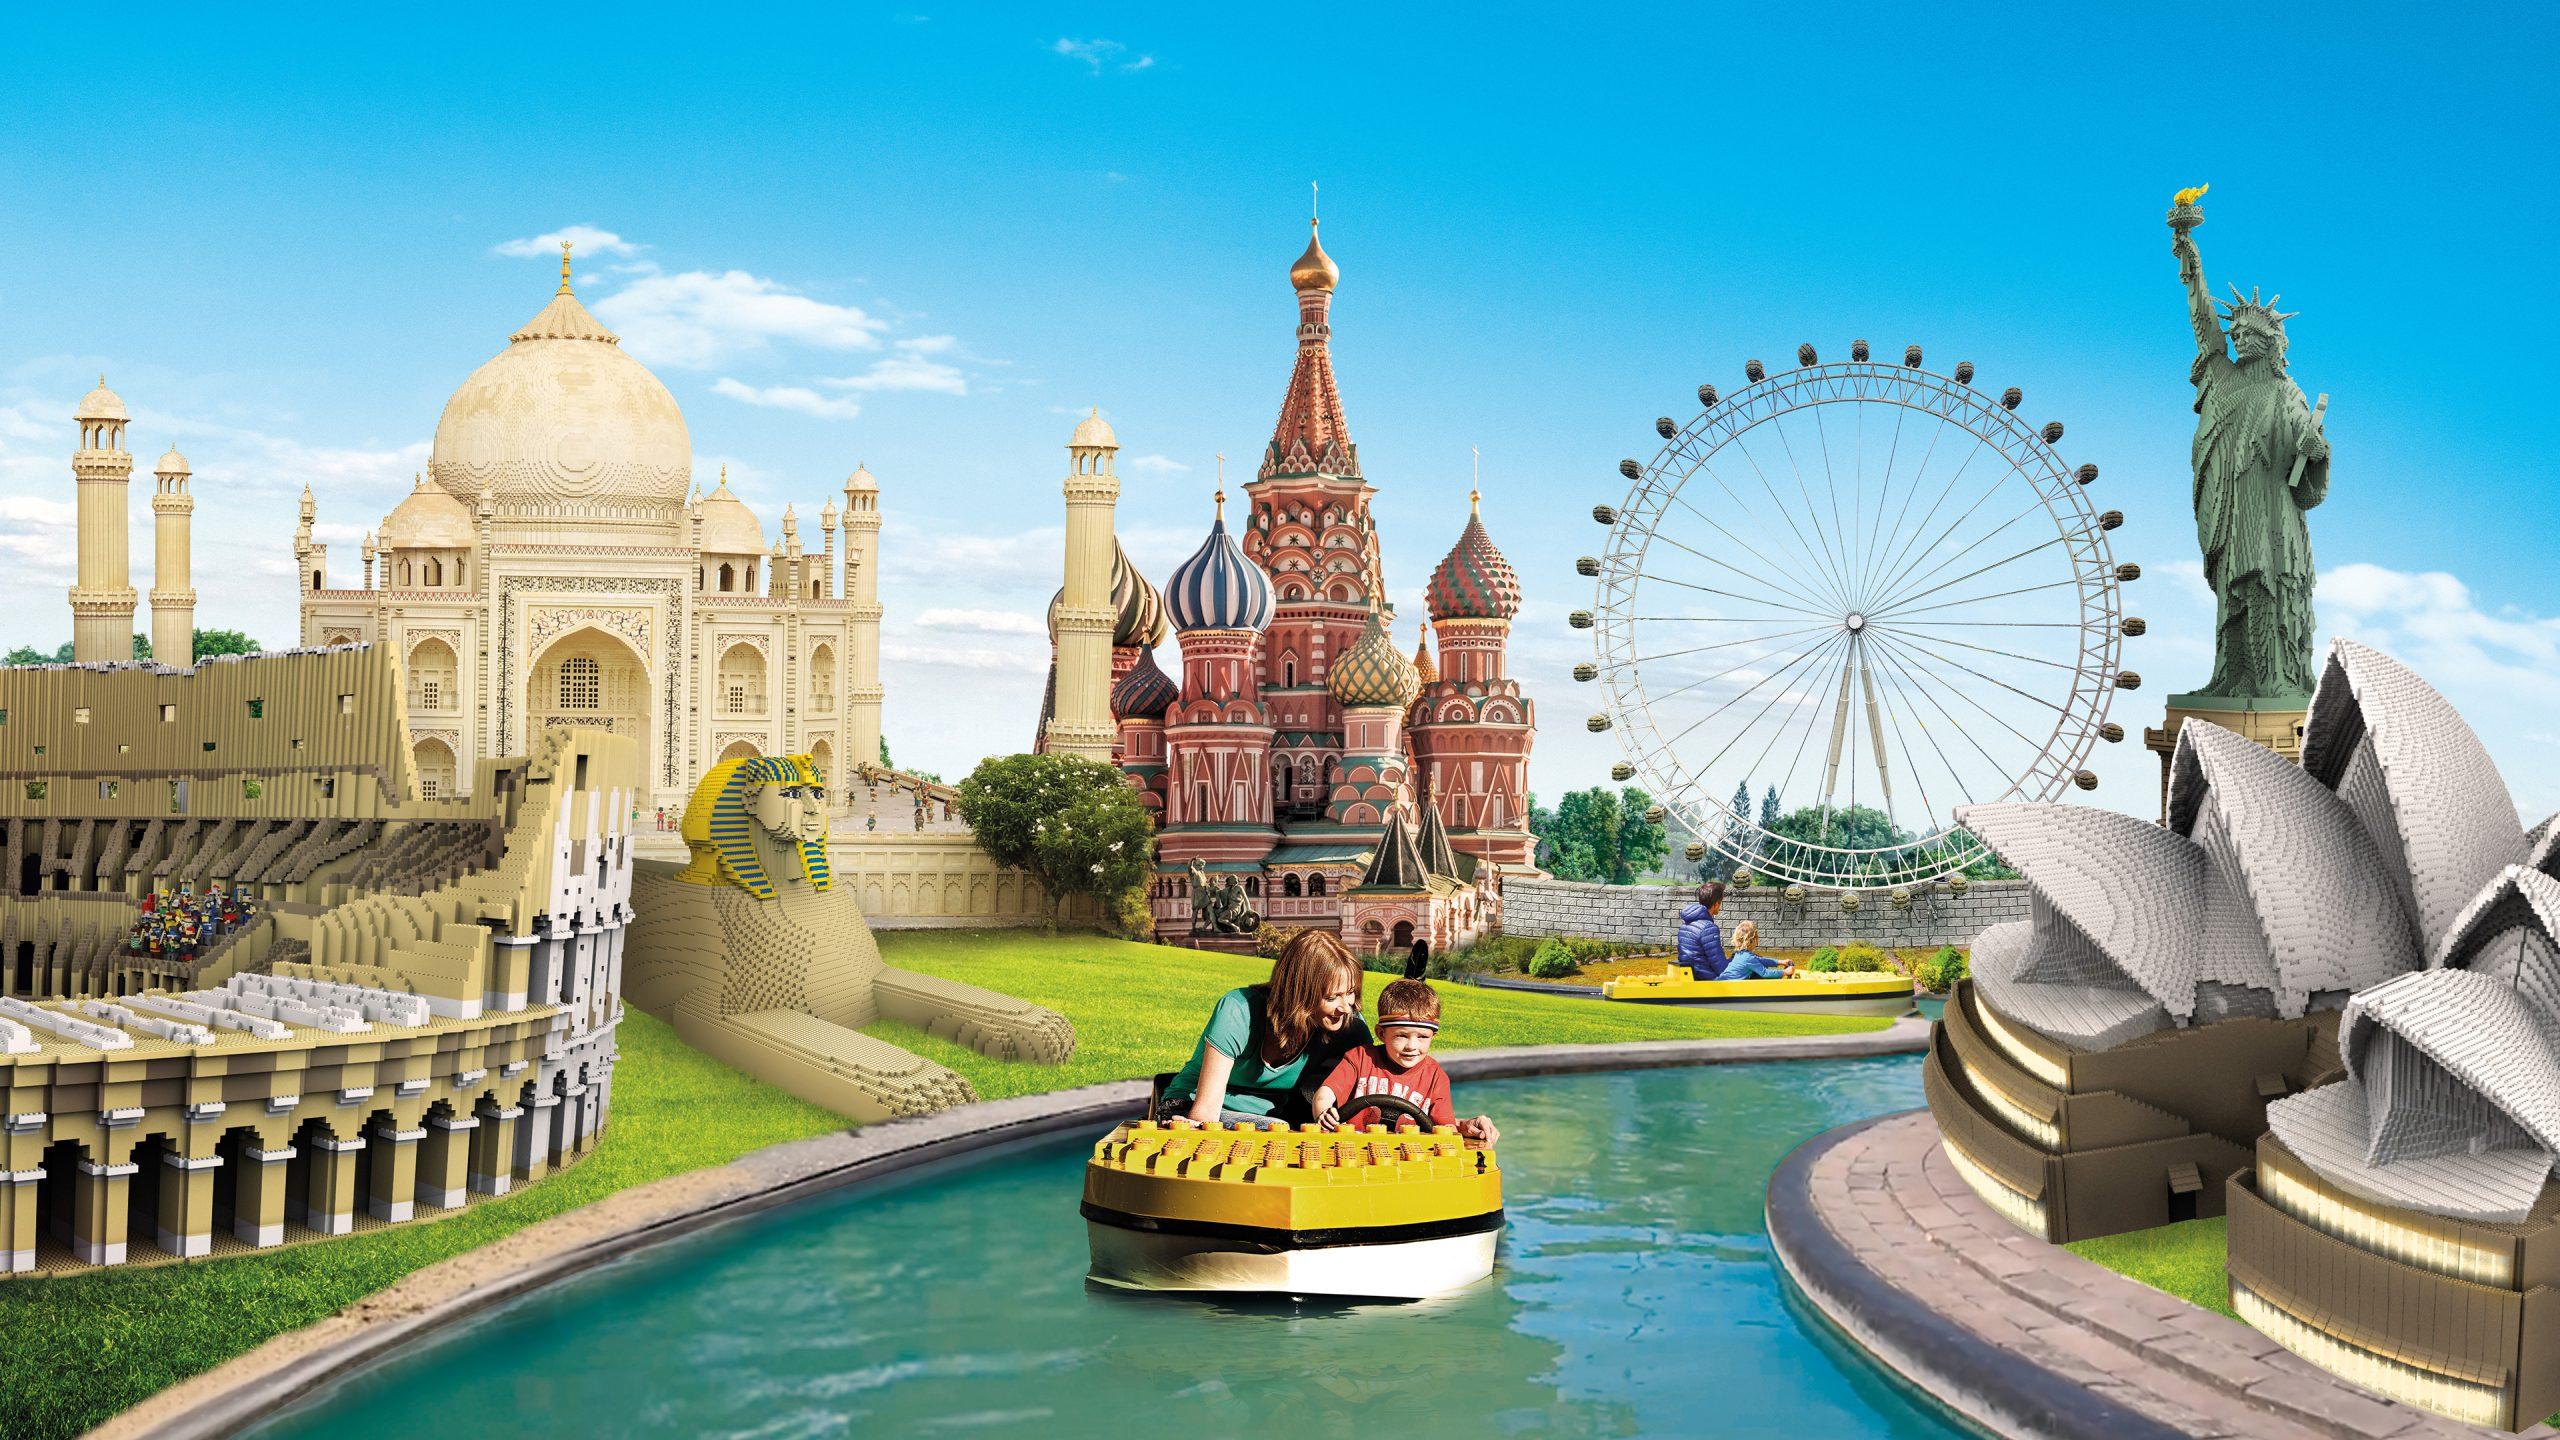 Til næste års åbning af Legoland vil forlystelsesparken ved Billund blandt andet byde på nye LEGO-modeller afFrihedsgudinden i New York, Taj Mahal i Indien, Operahuset i Sydney, Colosseum i Rom, Kreml i Moskva og London Eye. Presseillustration: Legoland.